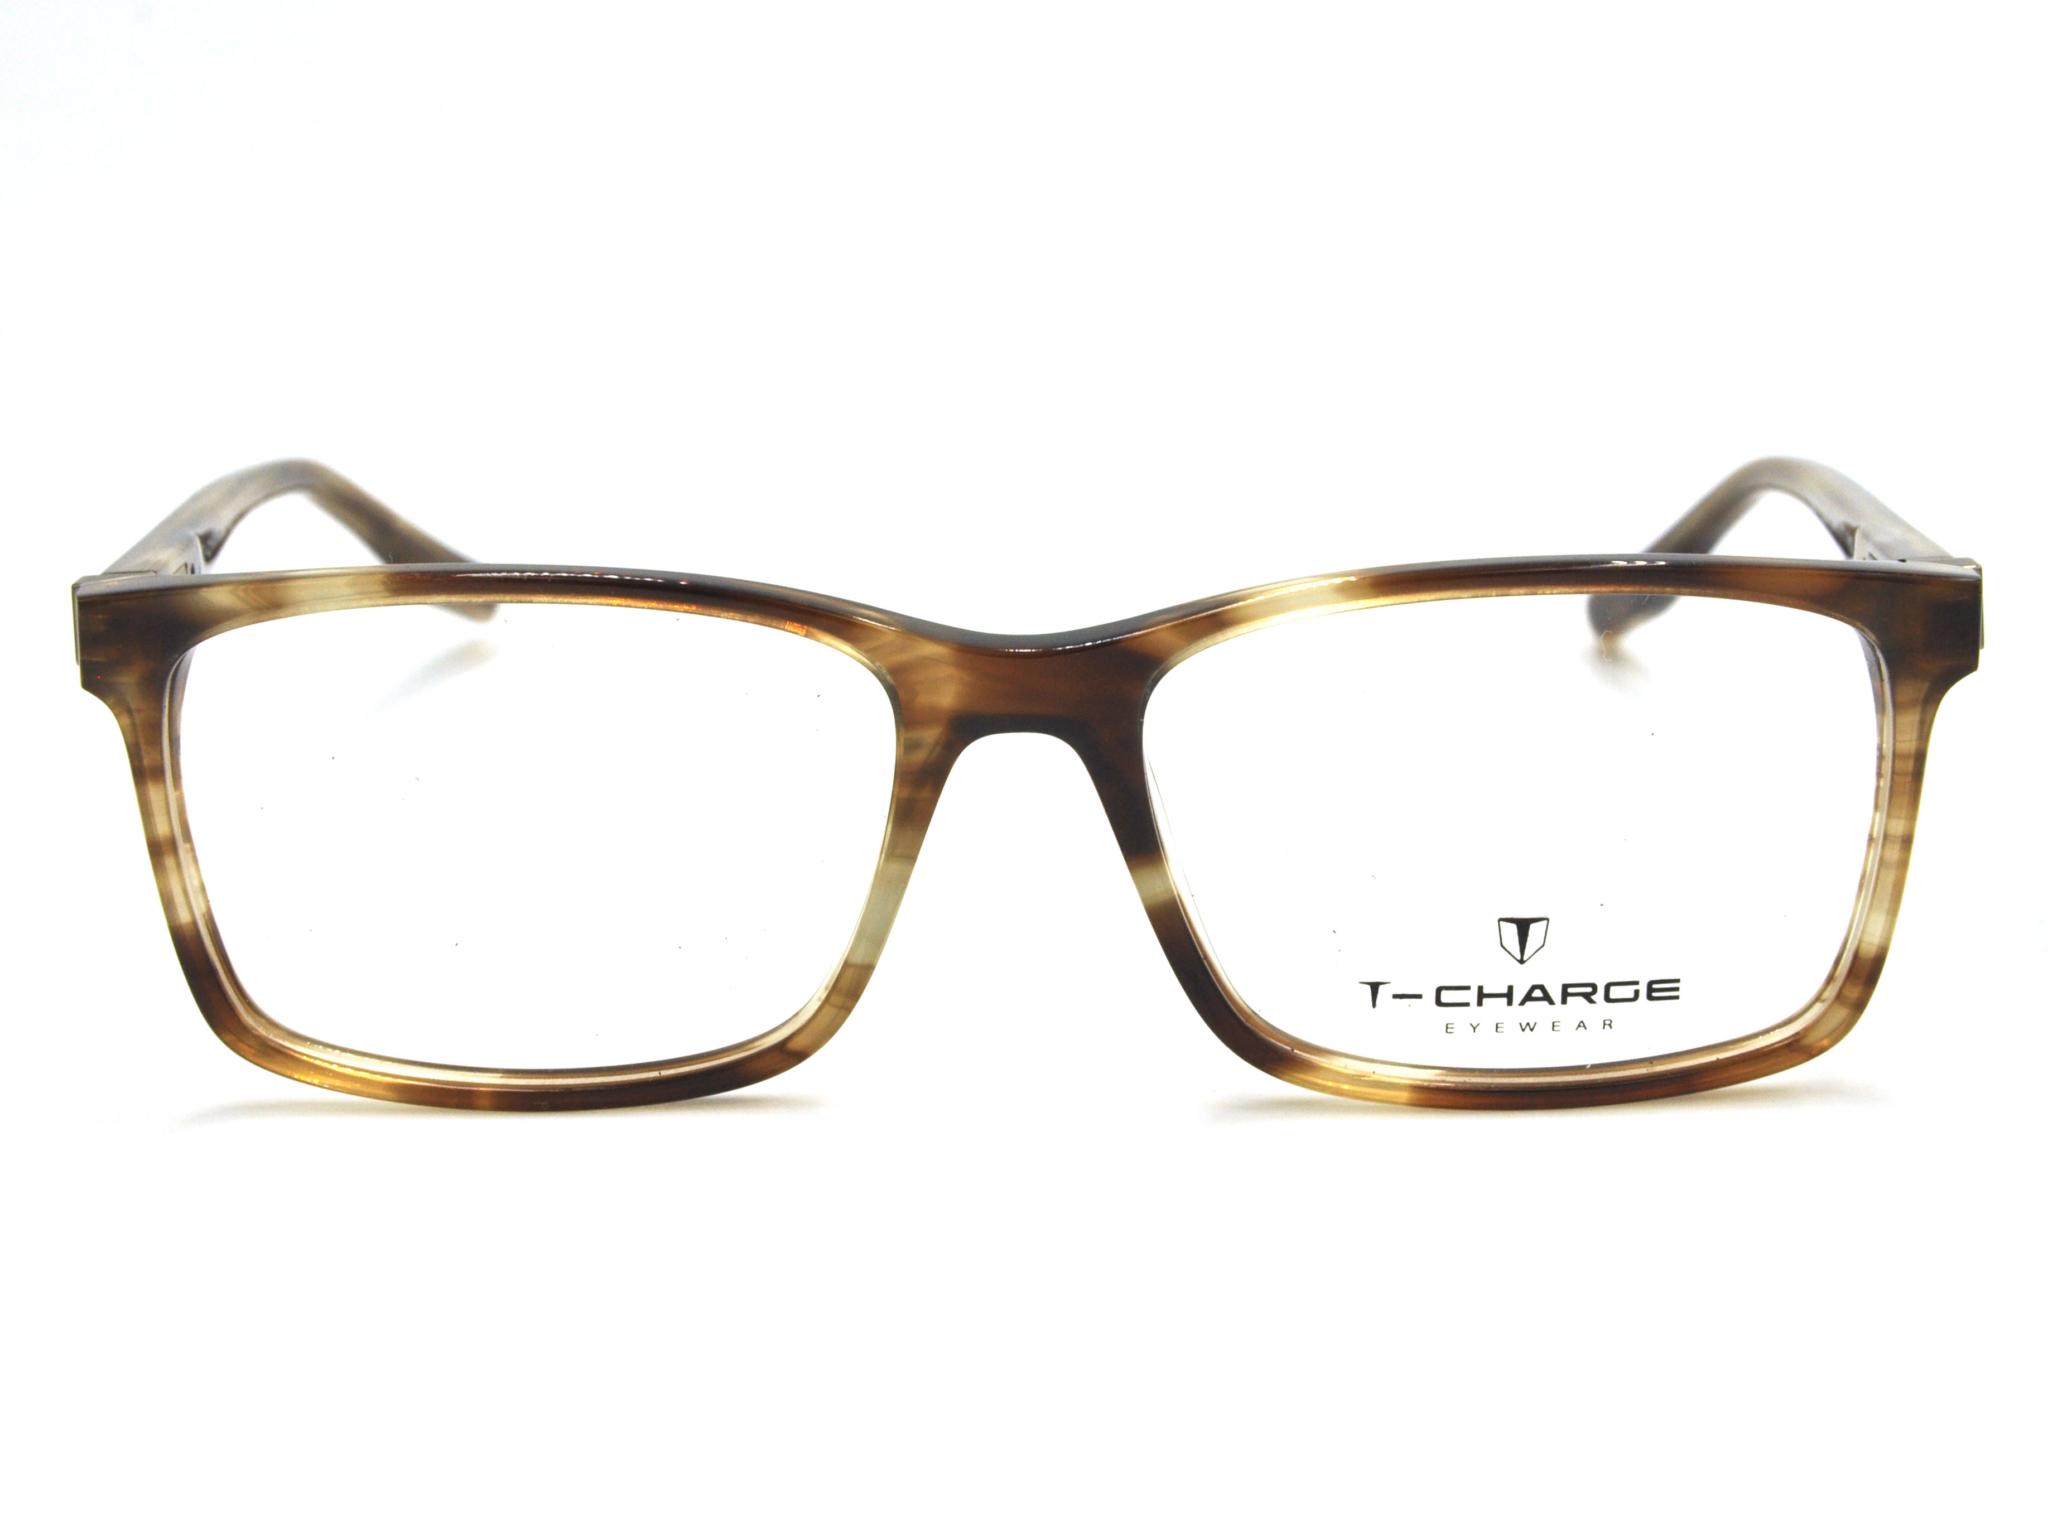 Γυαλιά οράσεως T CHARGE T6111 E01 Πειραιάς